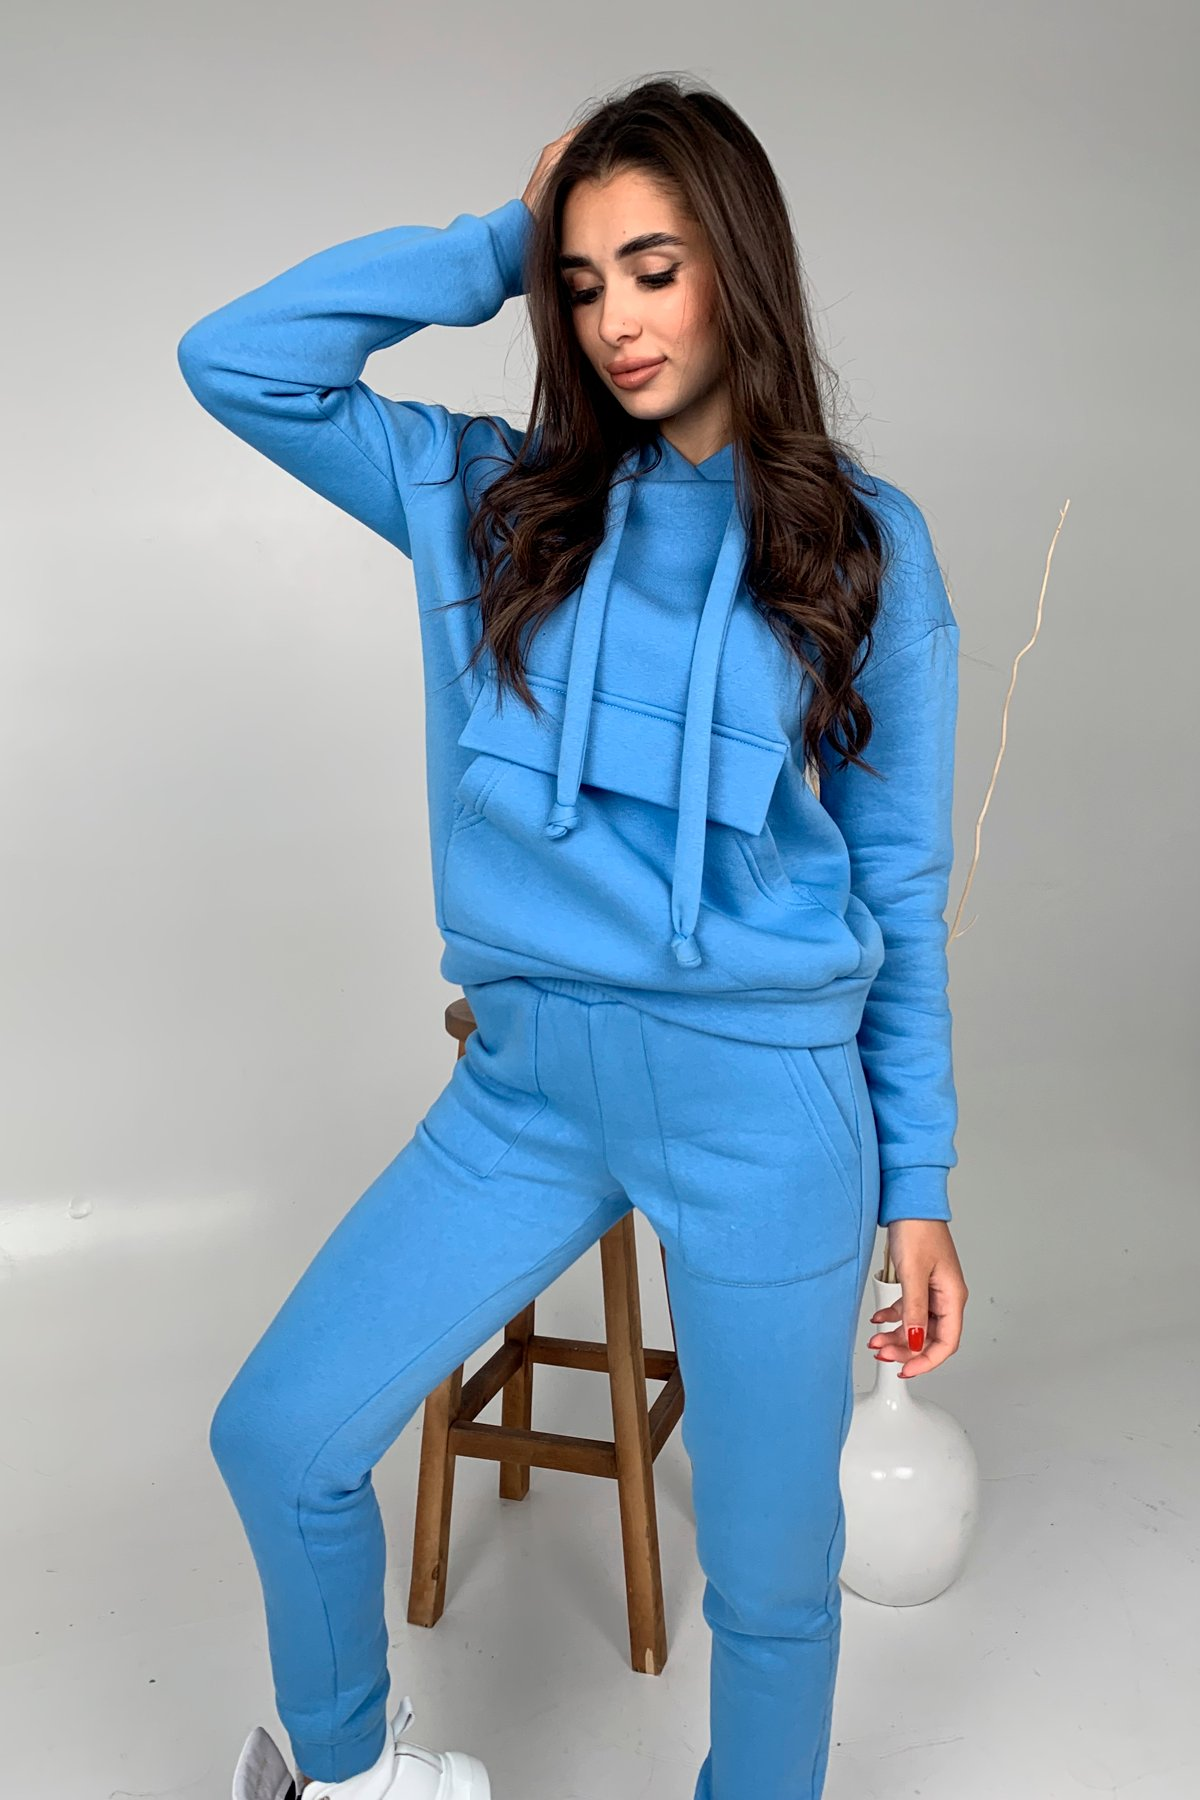 Бруклин  прогулочный костюм 3х нитка с начесом  9663 АРТ. 46462 Цвет: Голубой 1 - фото 2, интернет магазин tm-modus.ru